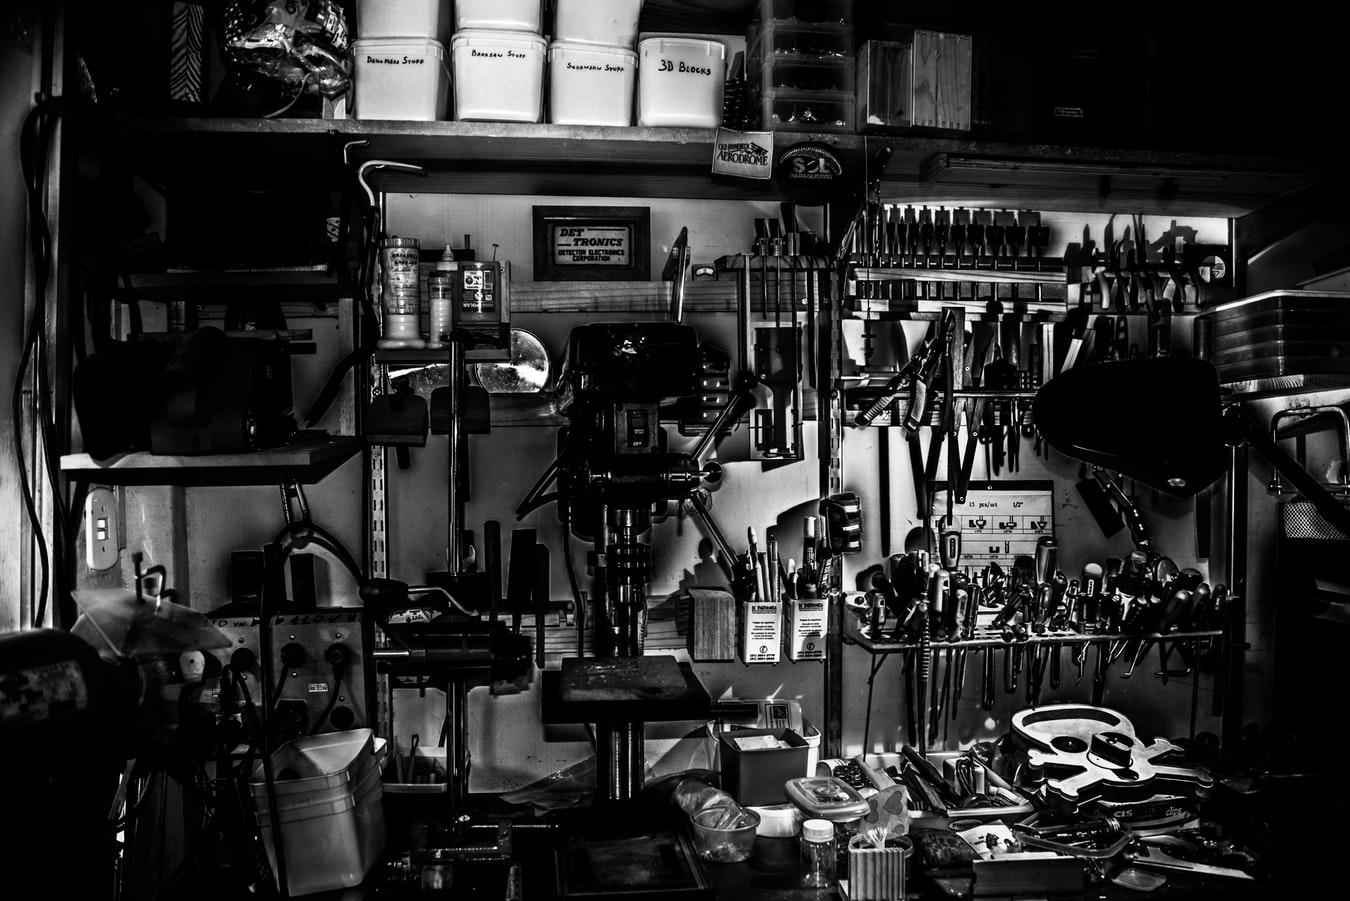 La boîte à outils du bricoleur, comment la constituer ?